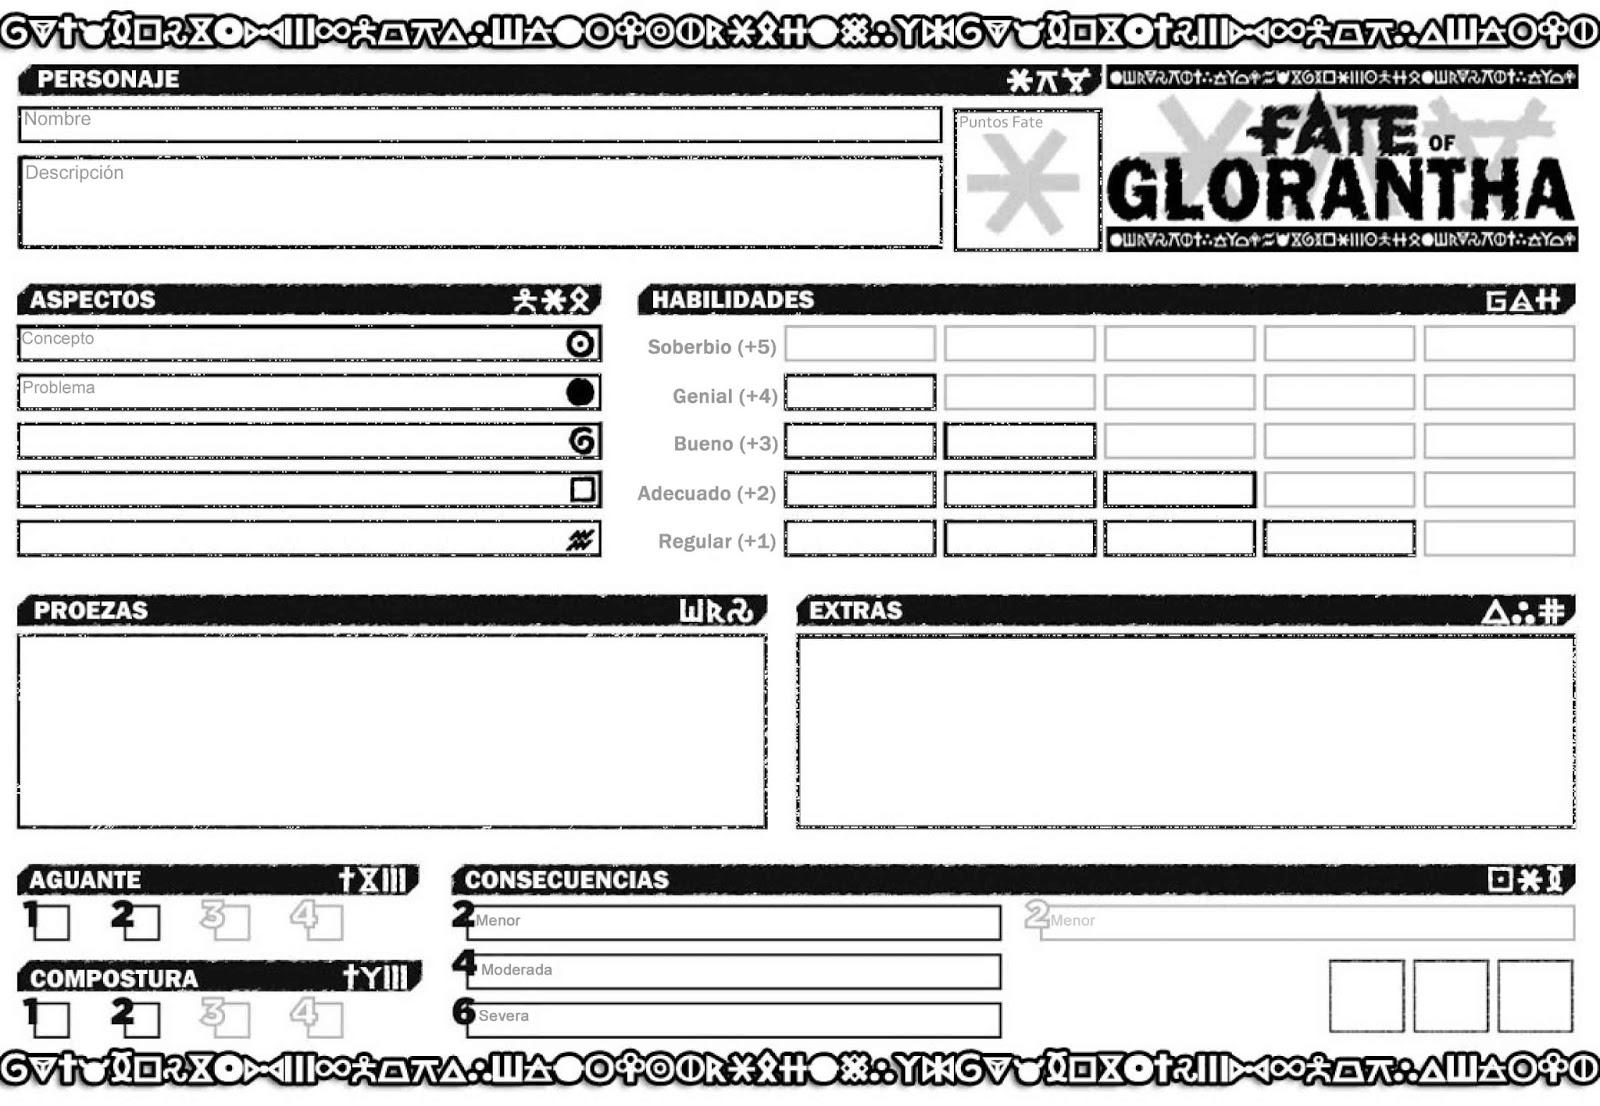 Fate of Glorantha: Hoja de Personaje para Fate of Glorantha